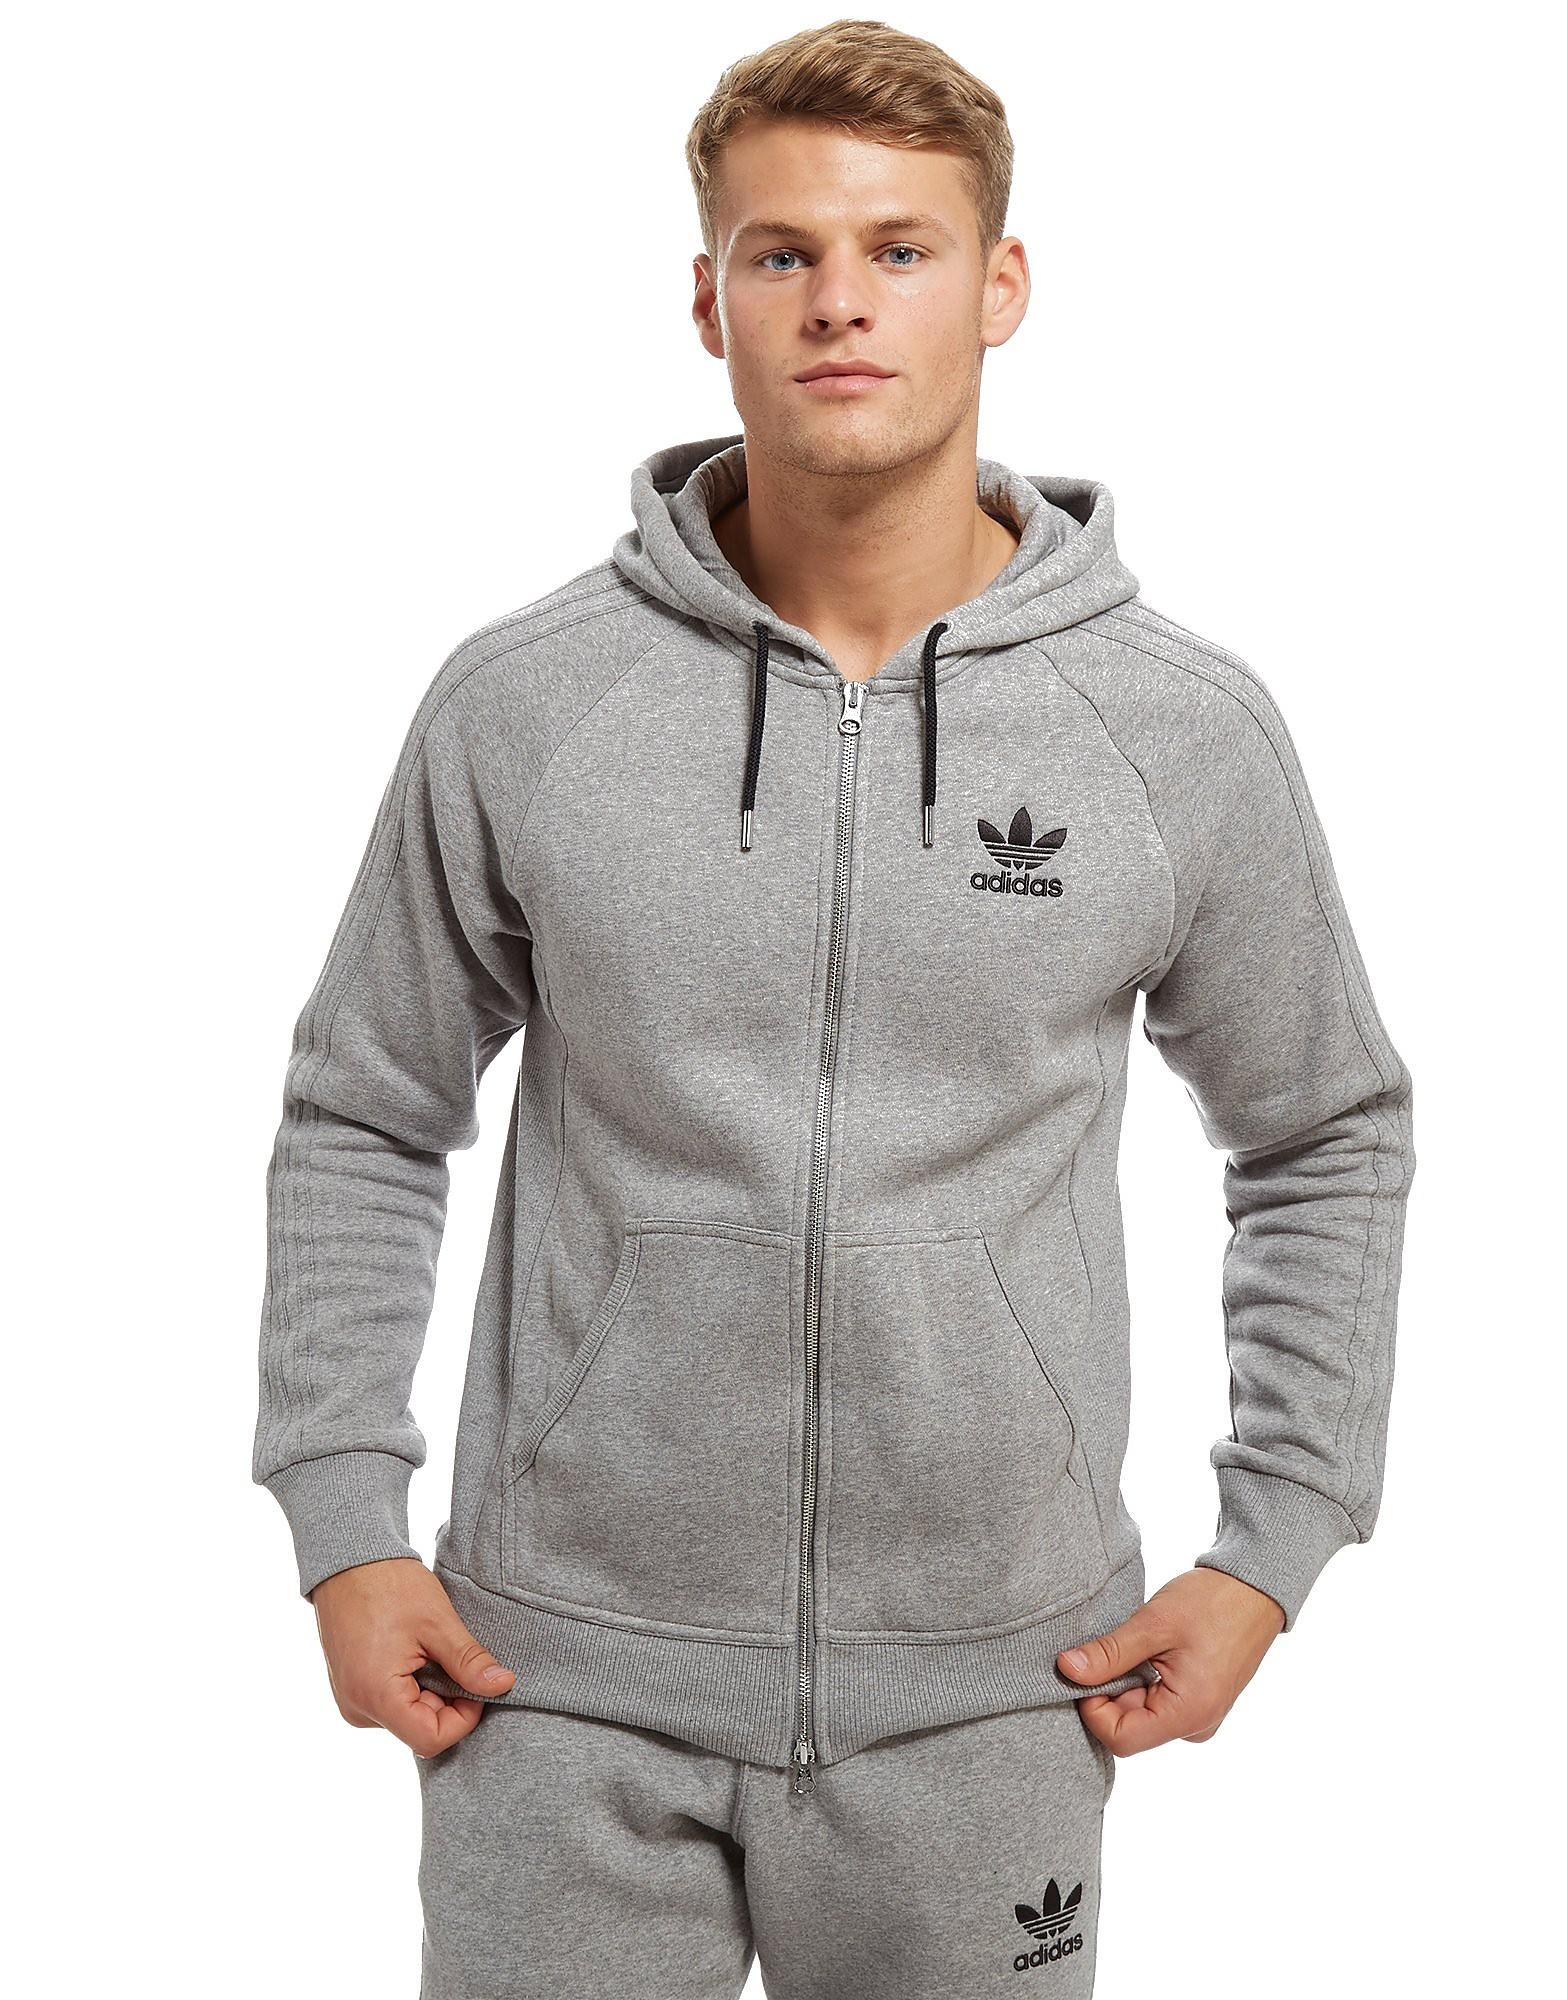 adidas Originals Premium Full Zip Hoodie